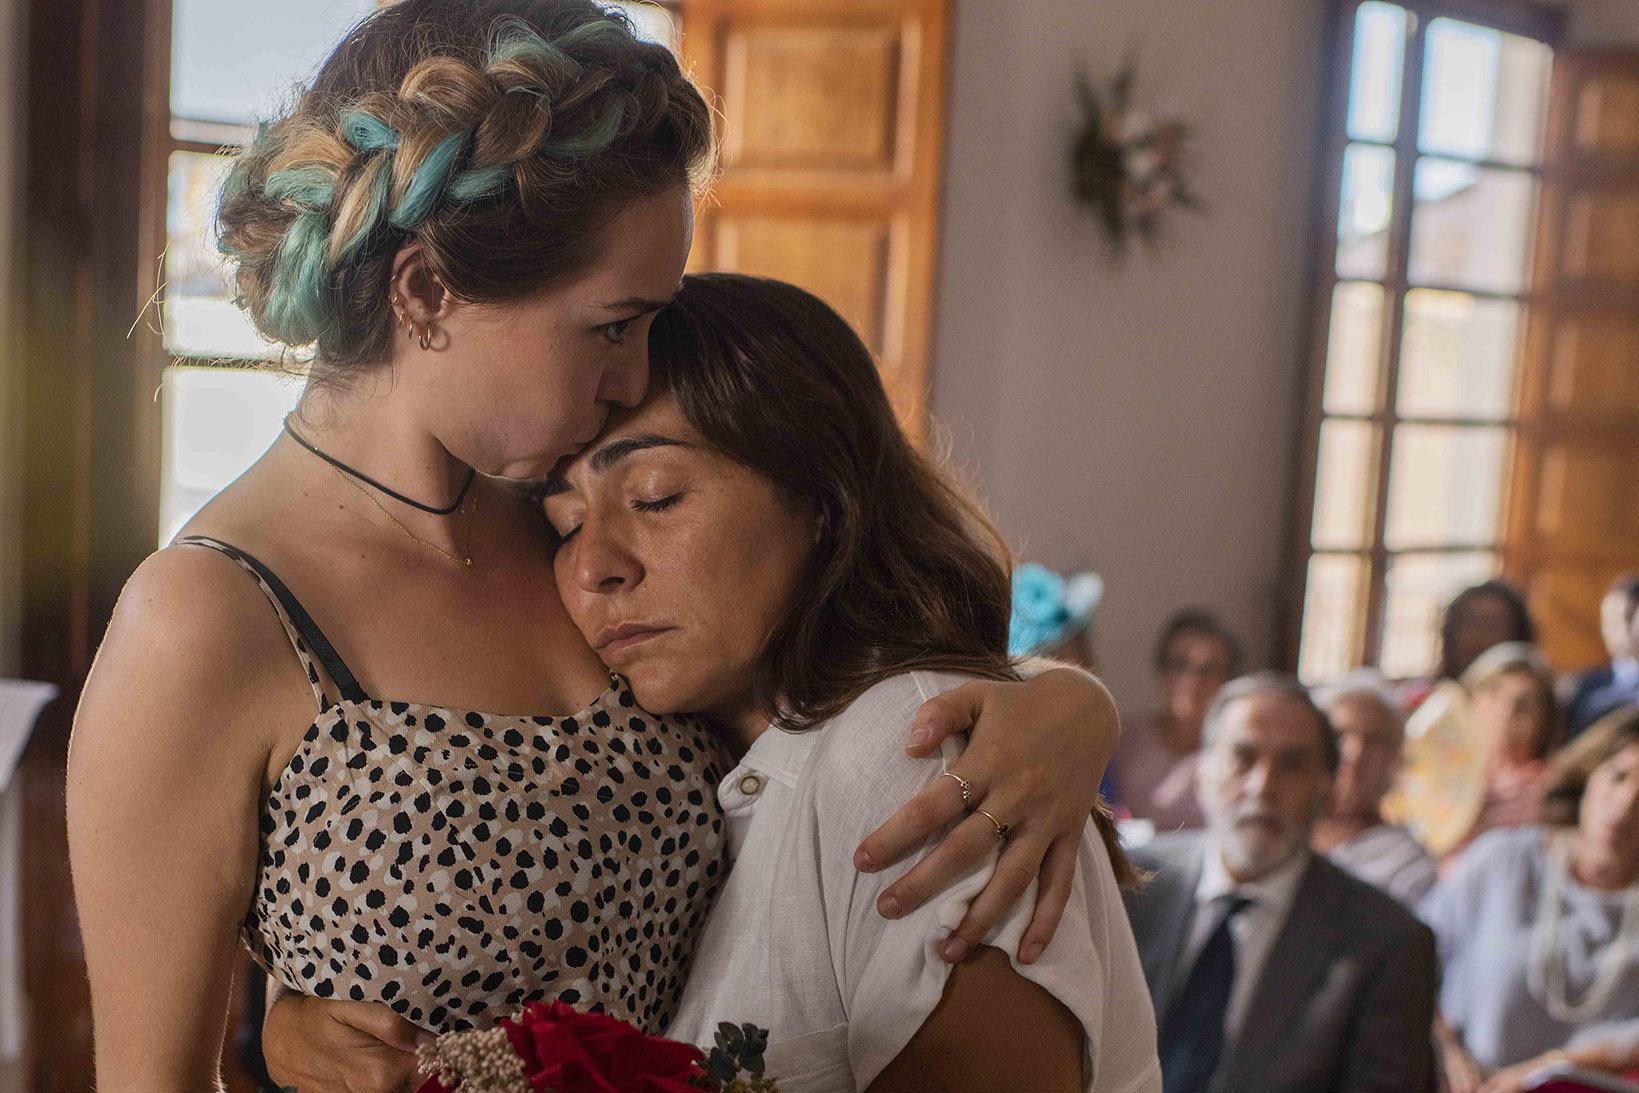 La boda de Rosa, en busca de la propia identidad